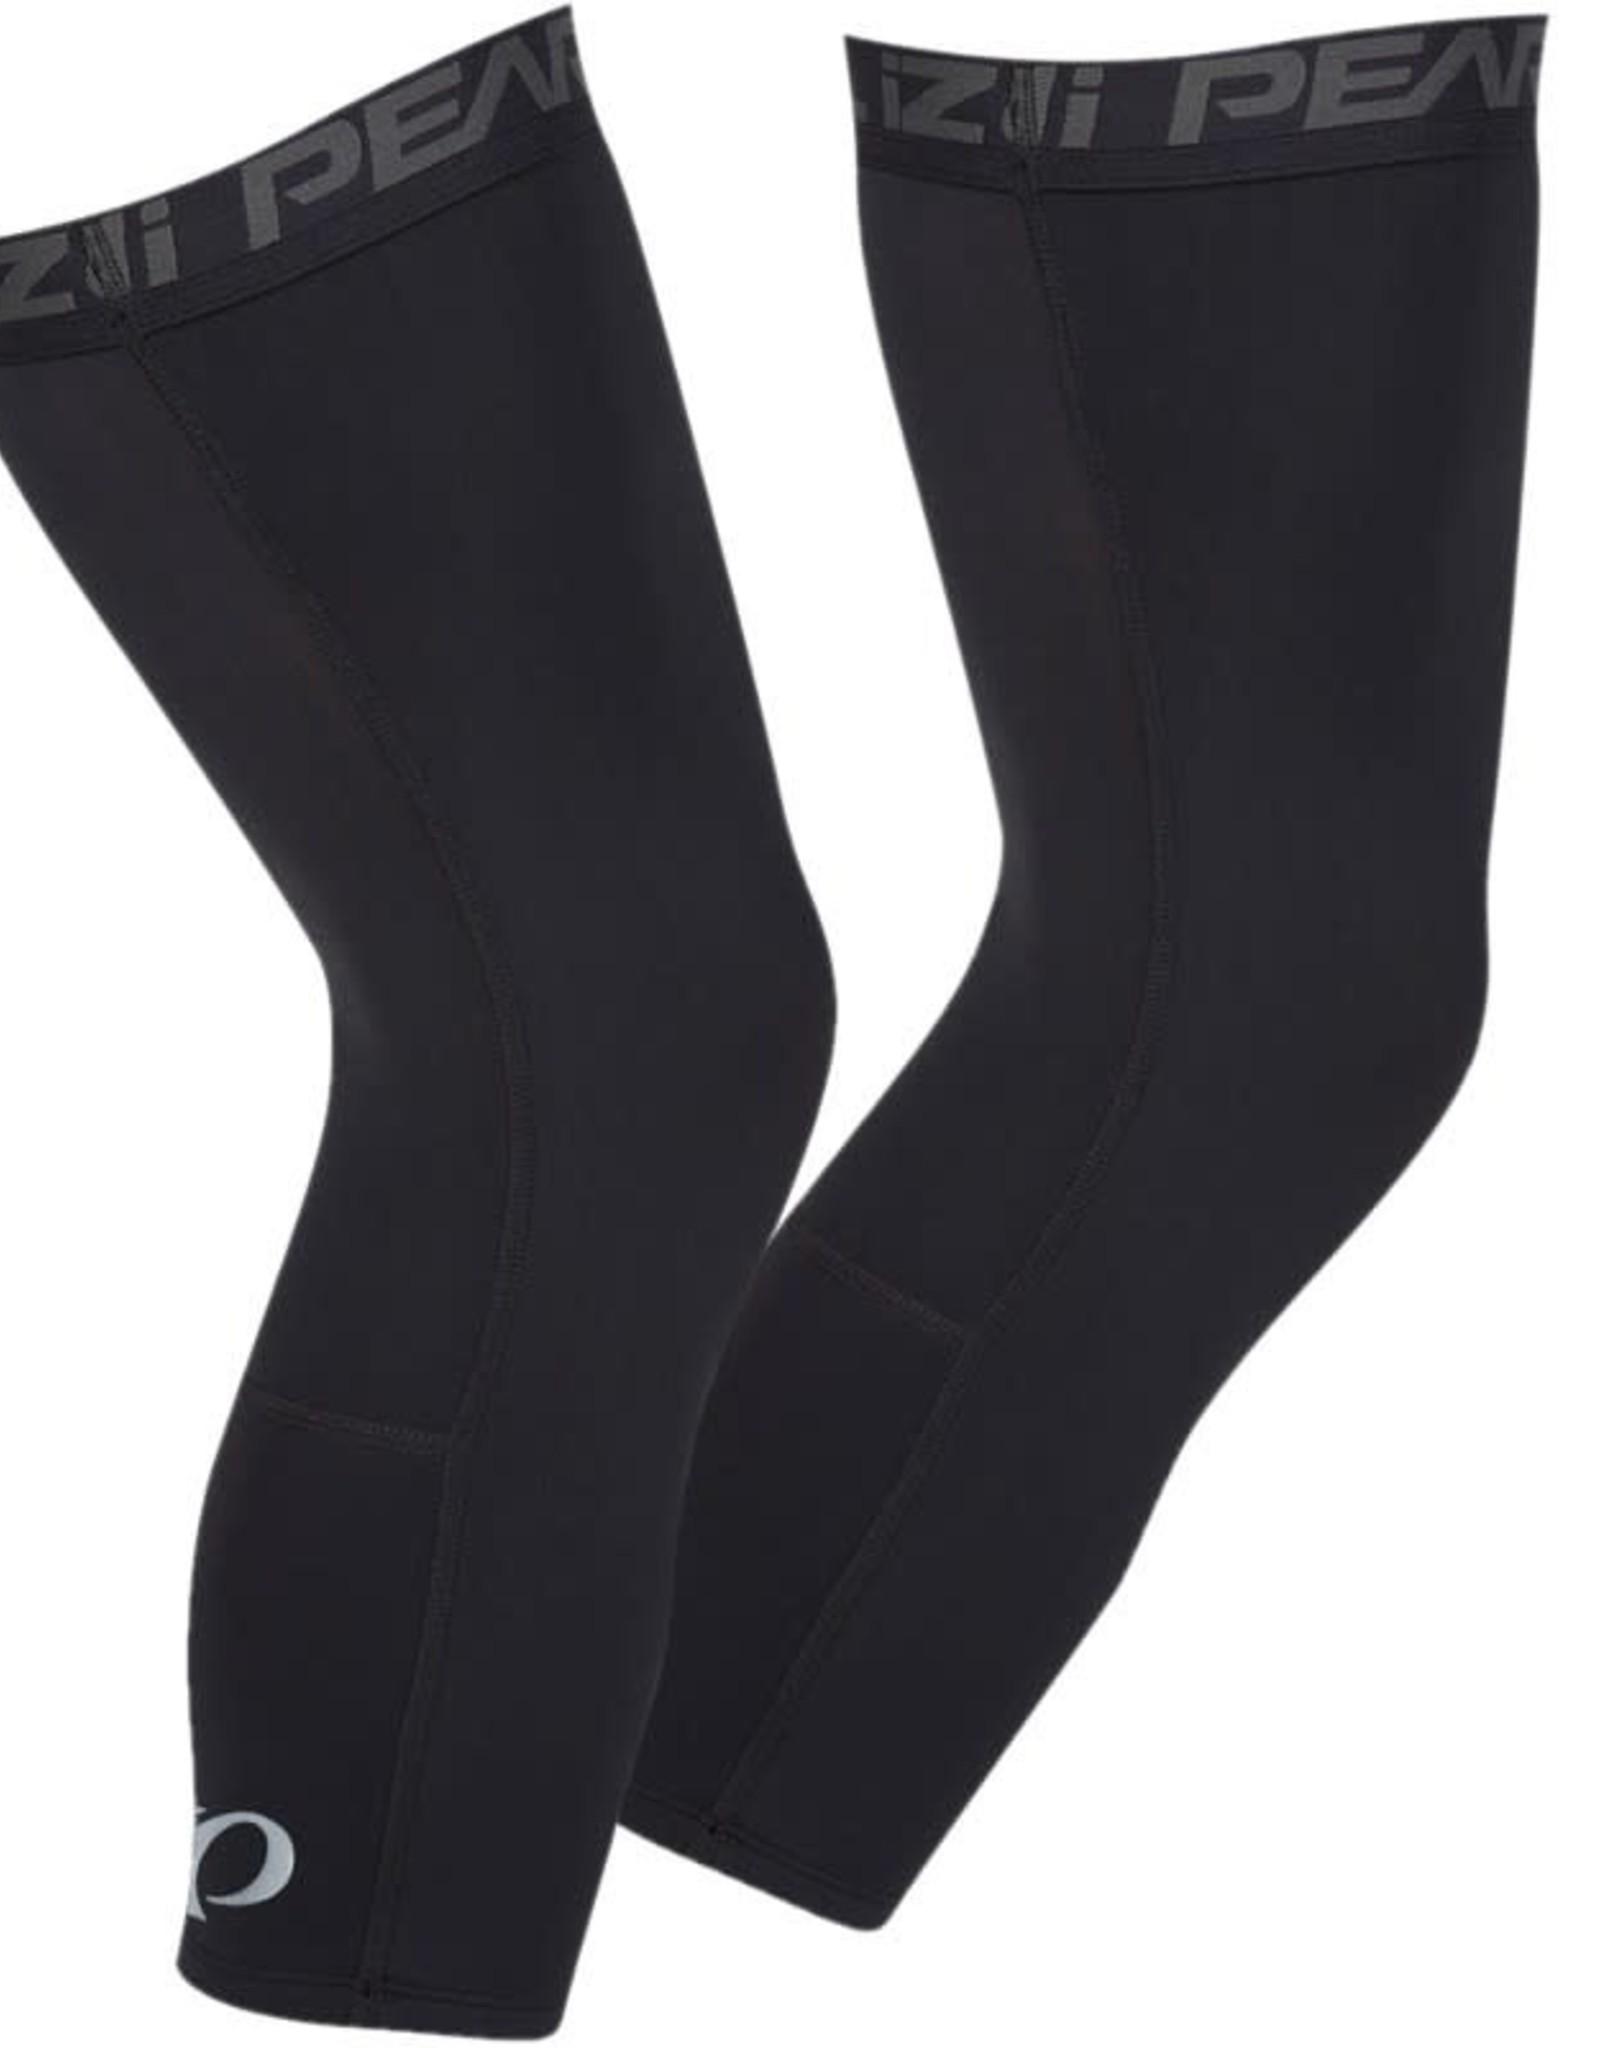 Pearl Izumi Elite Dry Knee Warmers Black